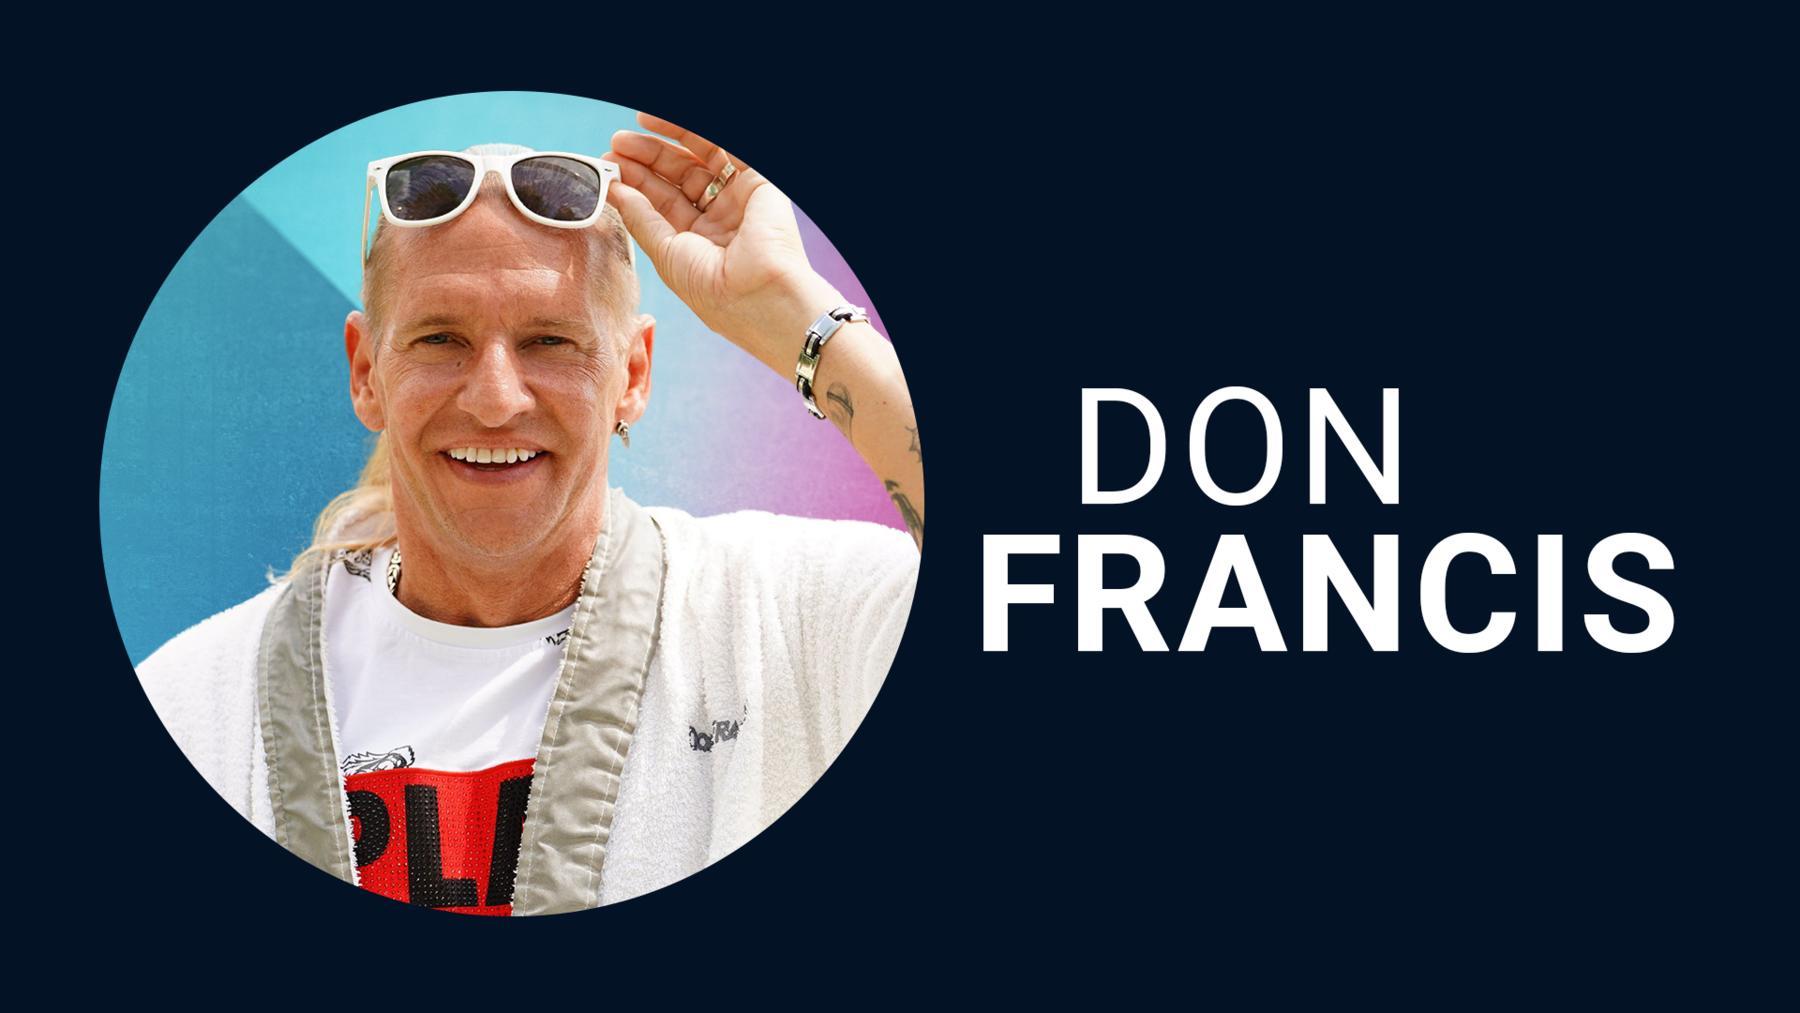 Don Francis